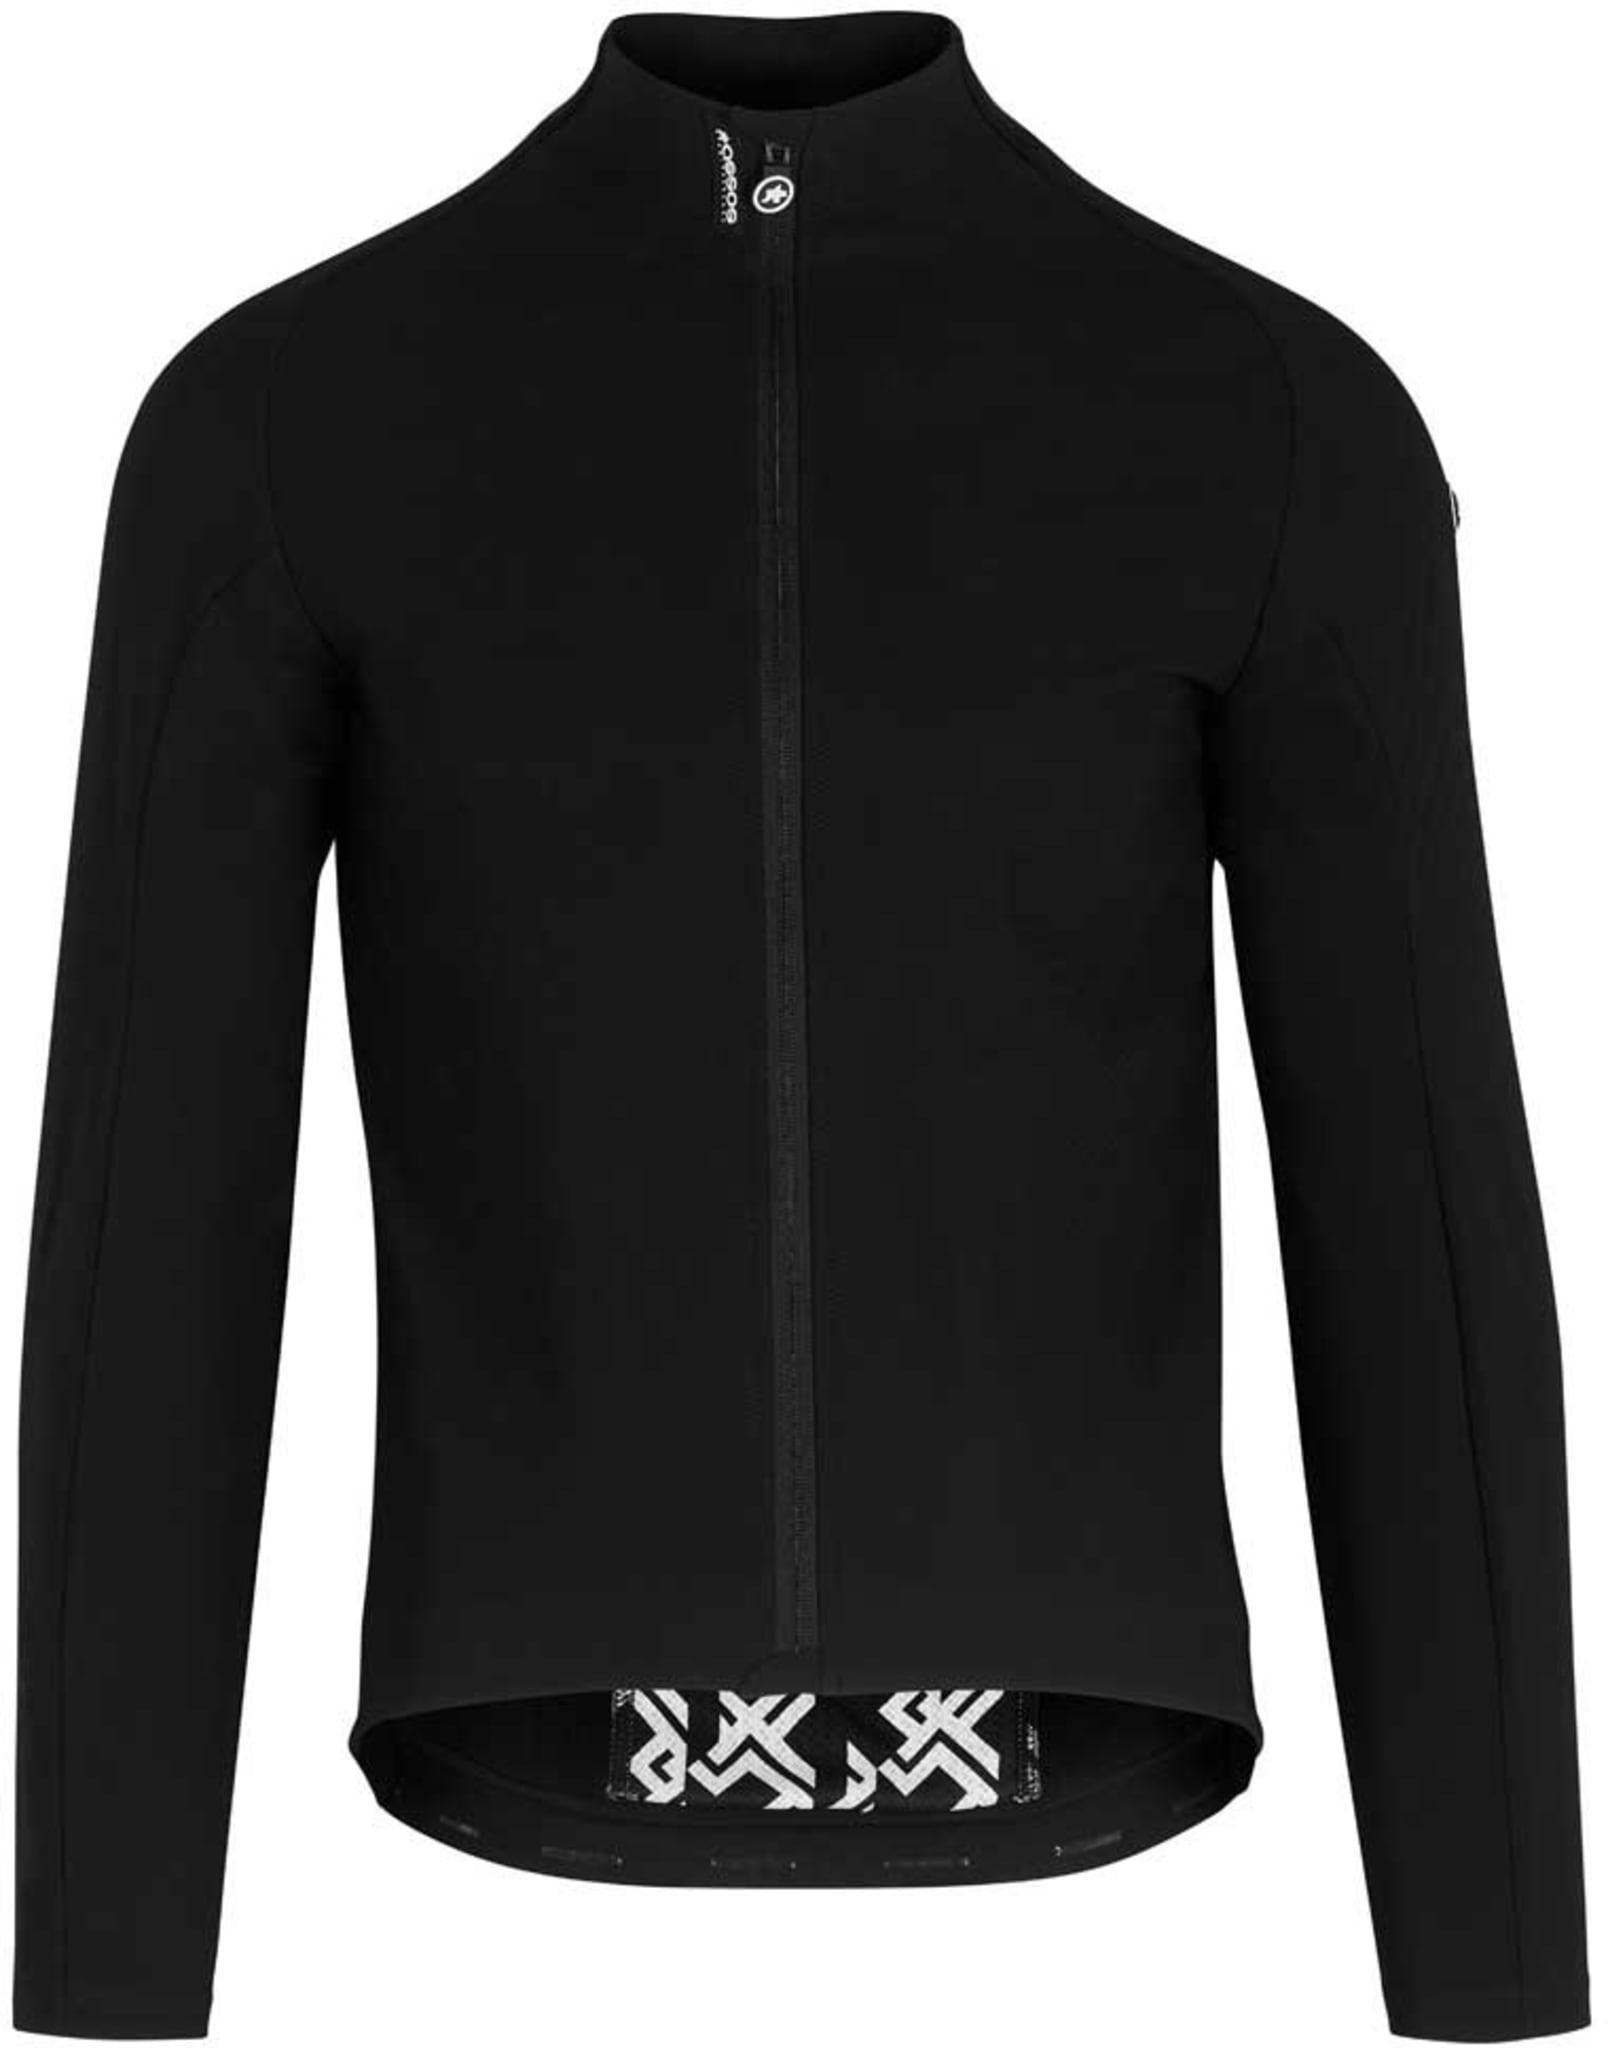 MILLE GT ULTRAZ Winter Jacket EVO